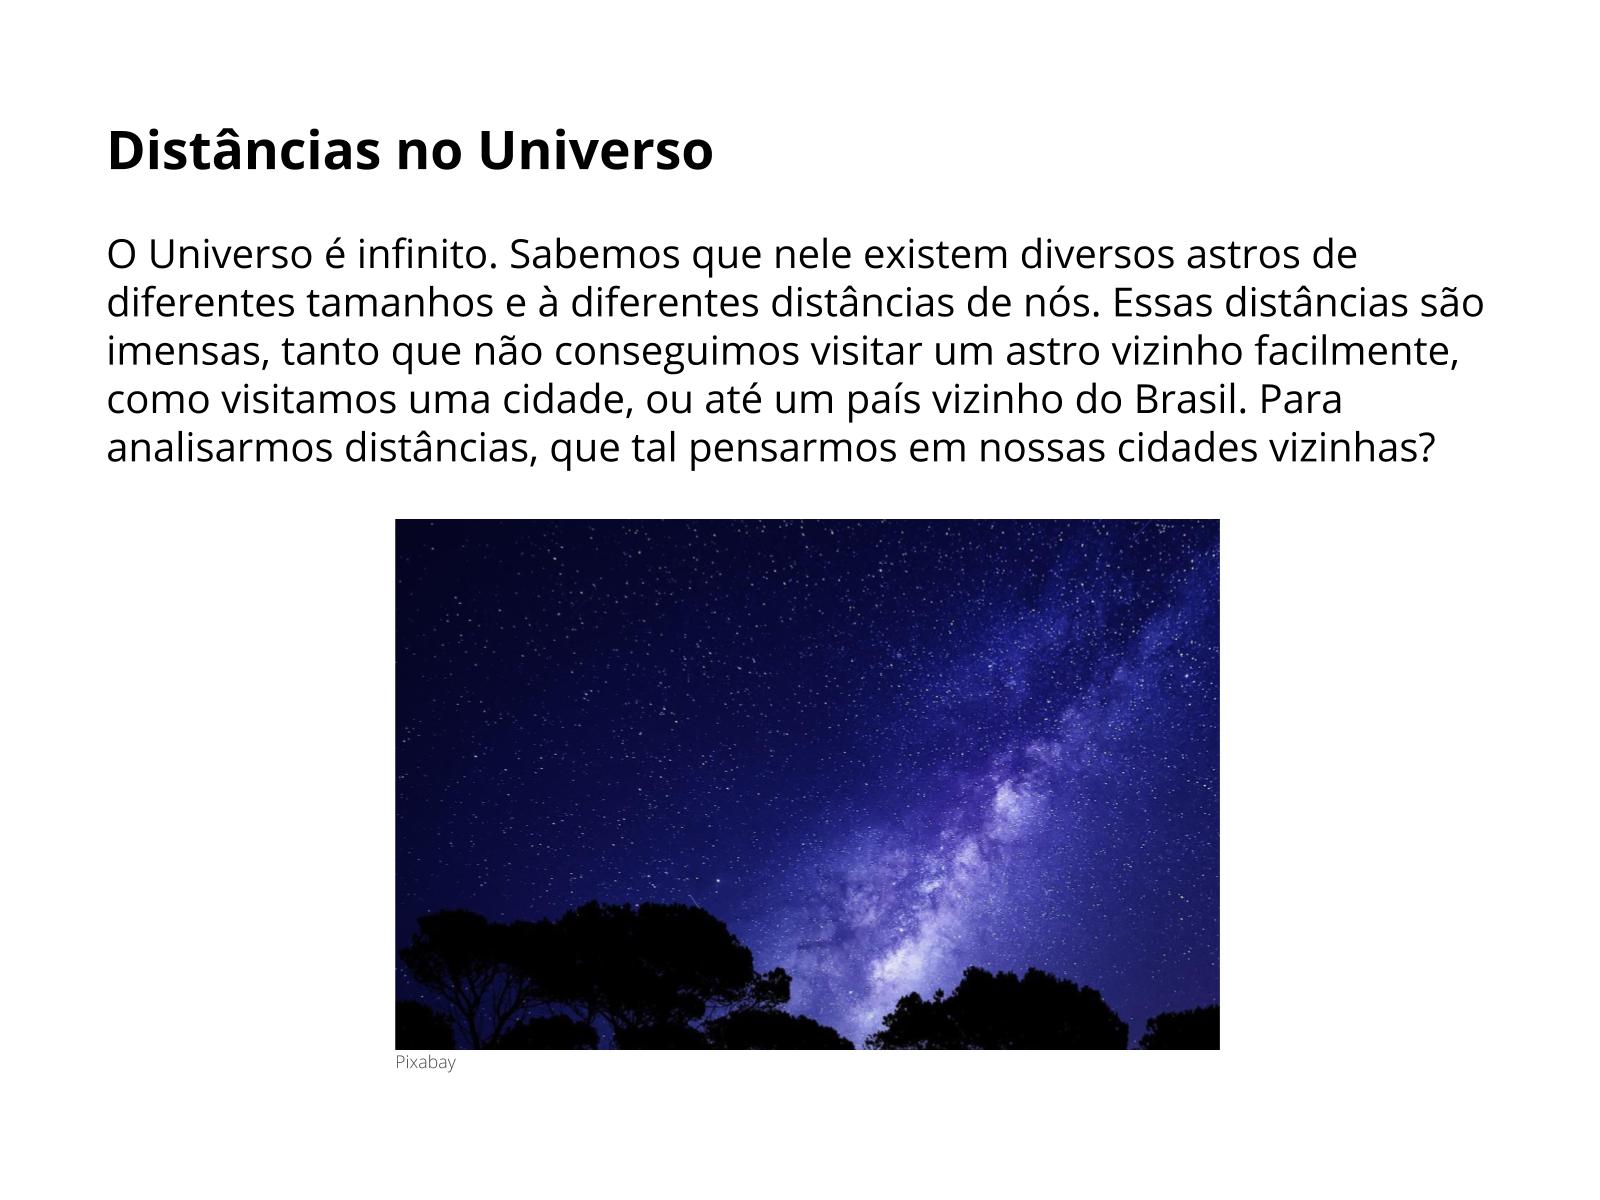 Distância entre a Terra e algumas Estrelas